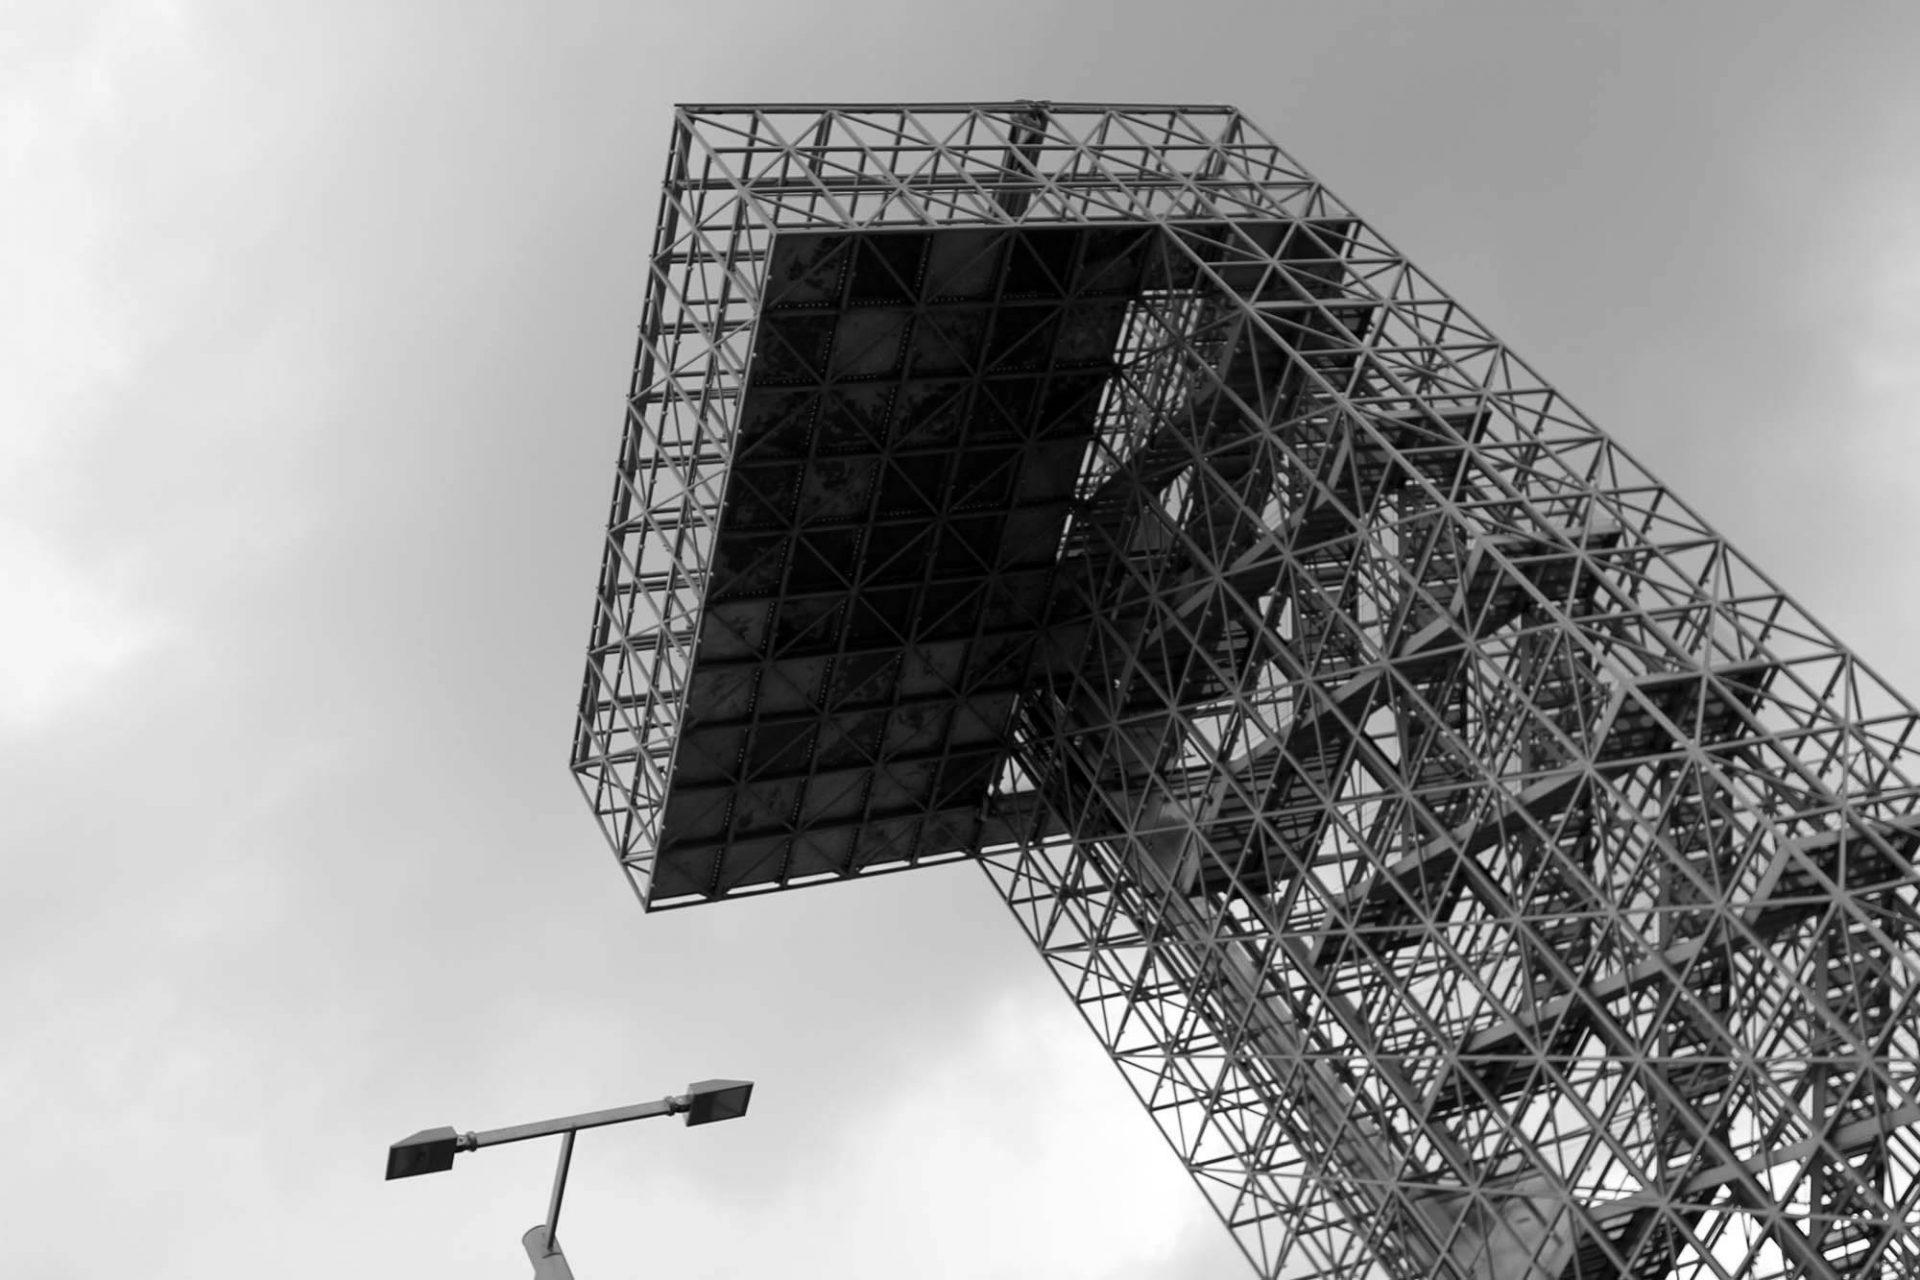 """Cité du Design. Der """"Tour Observatoire"""" setzt in Form eines umgekehrten L ein weithin sichtbares Zeichen und ermöglicht während der Biennale einen besonderen Blick auf den Campus."""